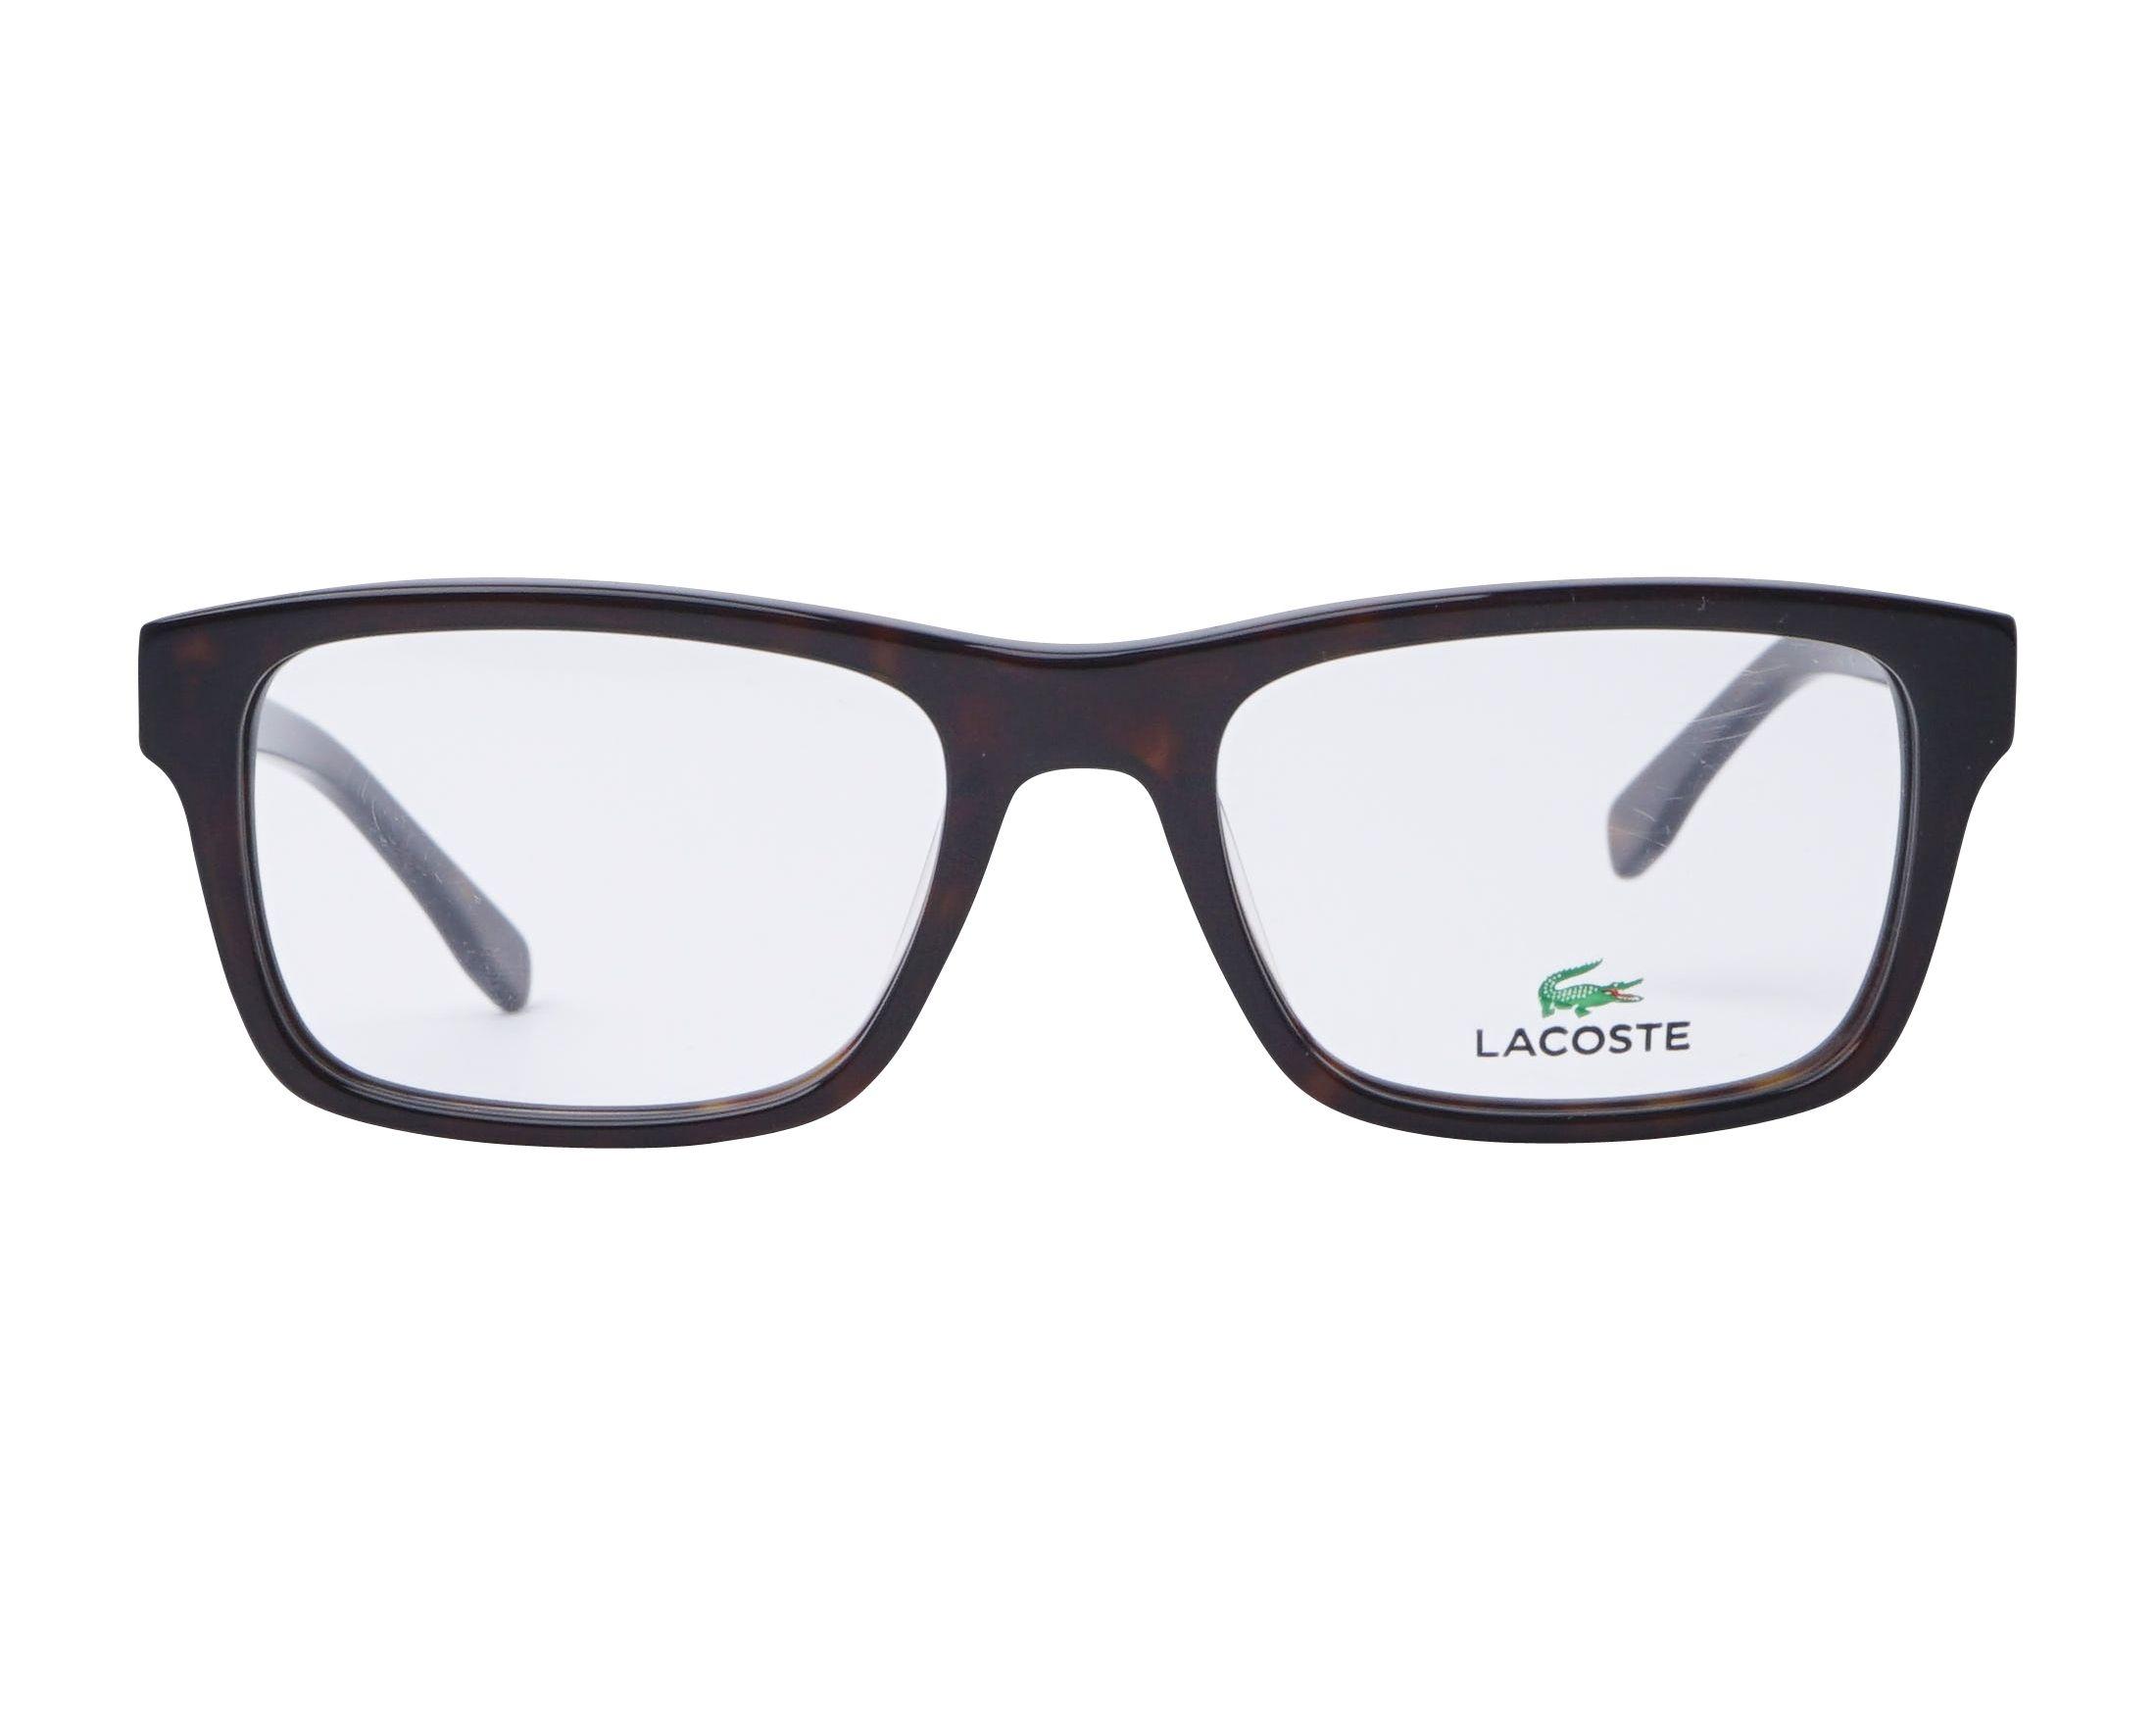 5c2401fe5f eyeglasses Lacoste L-2740 214 53-19 Havana front view